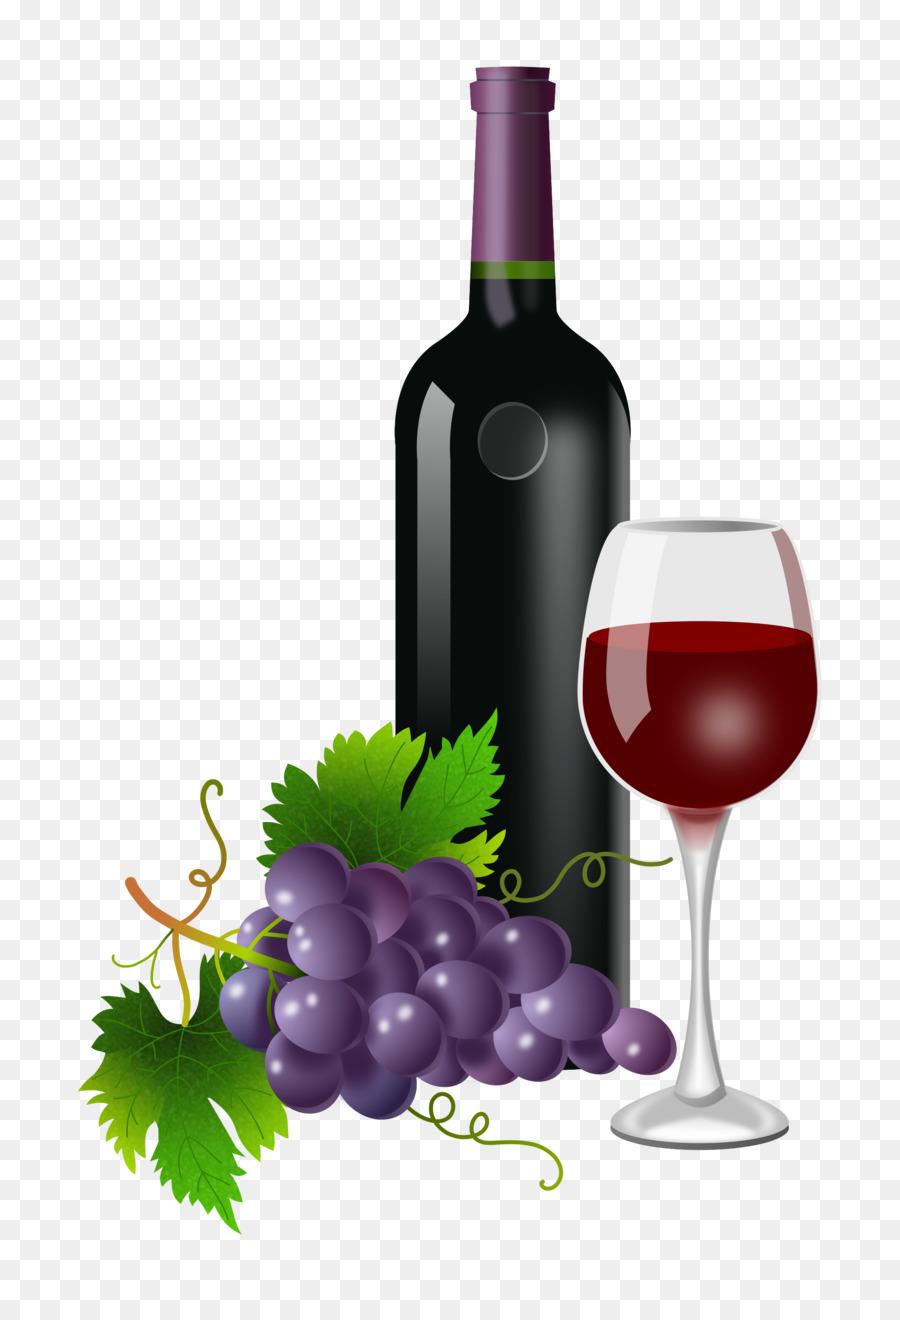 готовые картинки вино без фона указанной информации вам